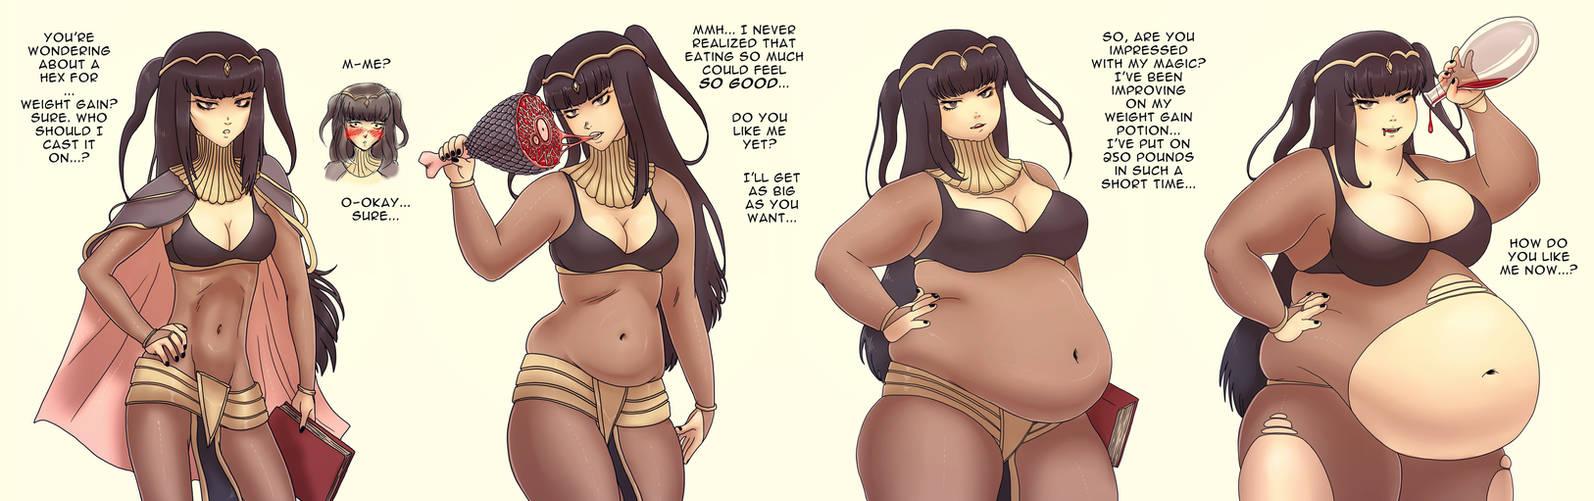 Dark Mage Weight Gain